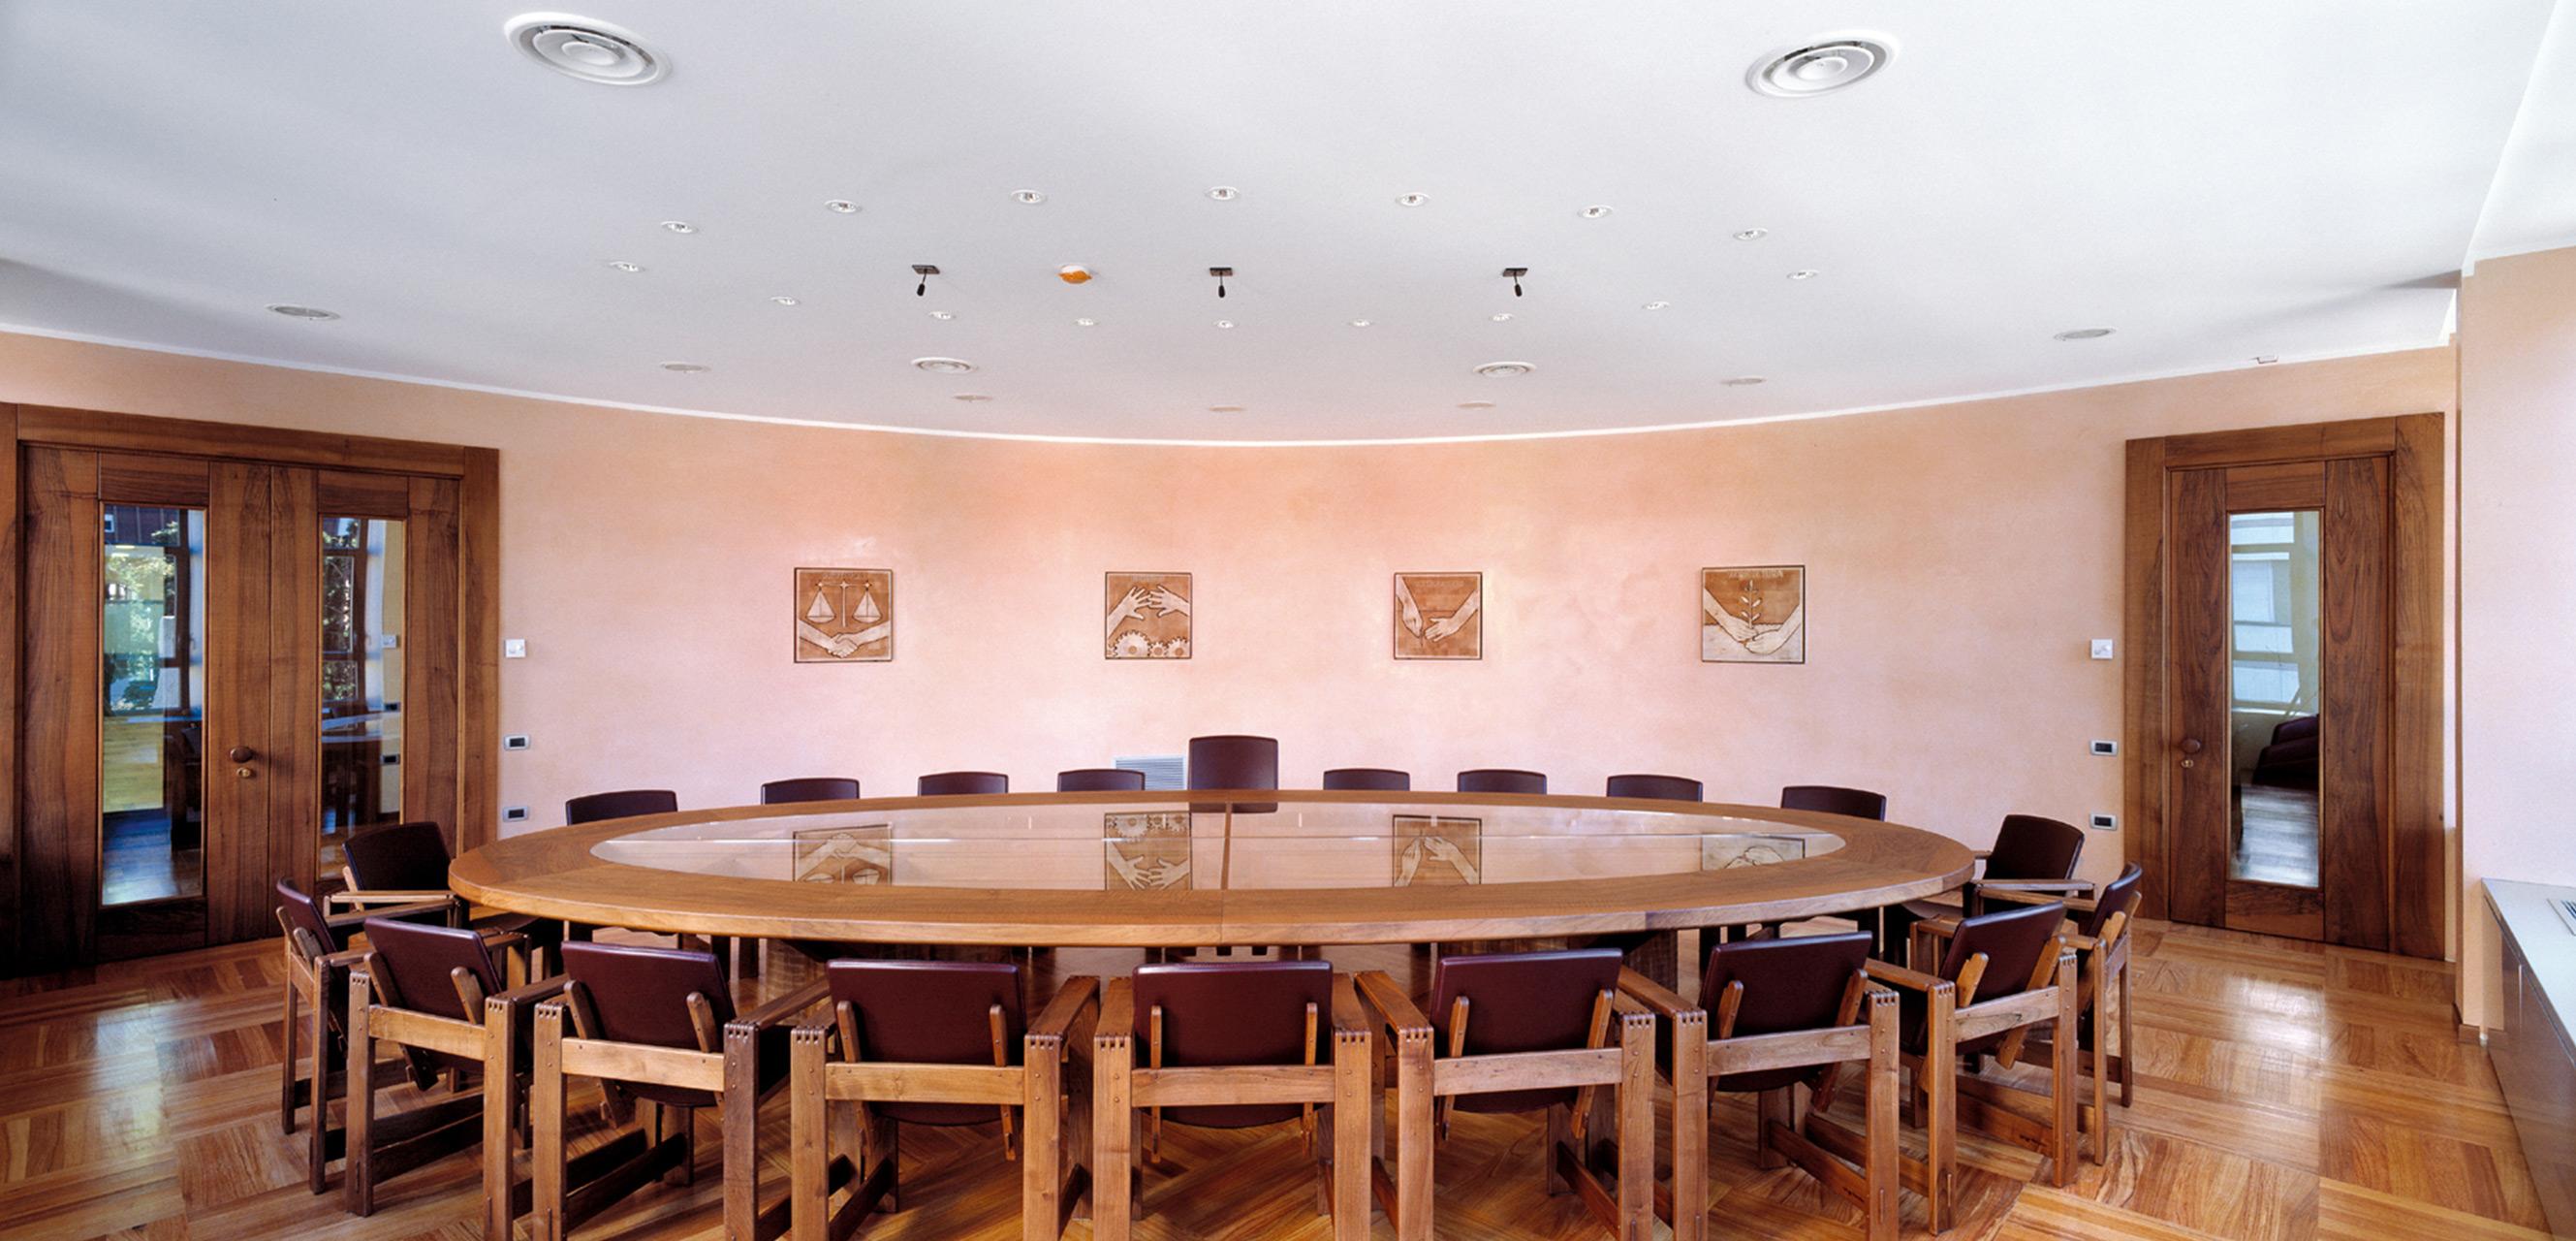 Tavolo riunioni in noce nazionale e piano di cristallo, realizzato ad hoc. Poltroncine San Marco in noce con seduta in cuoio.